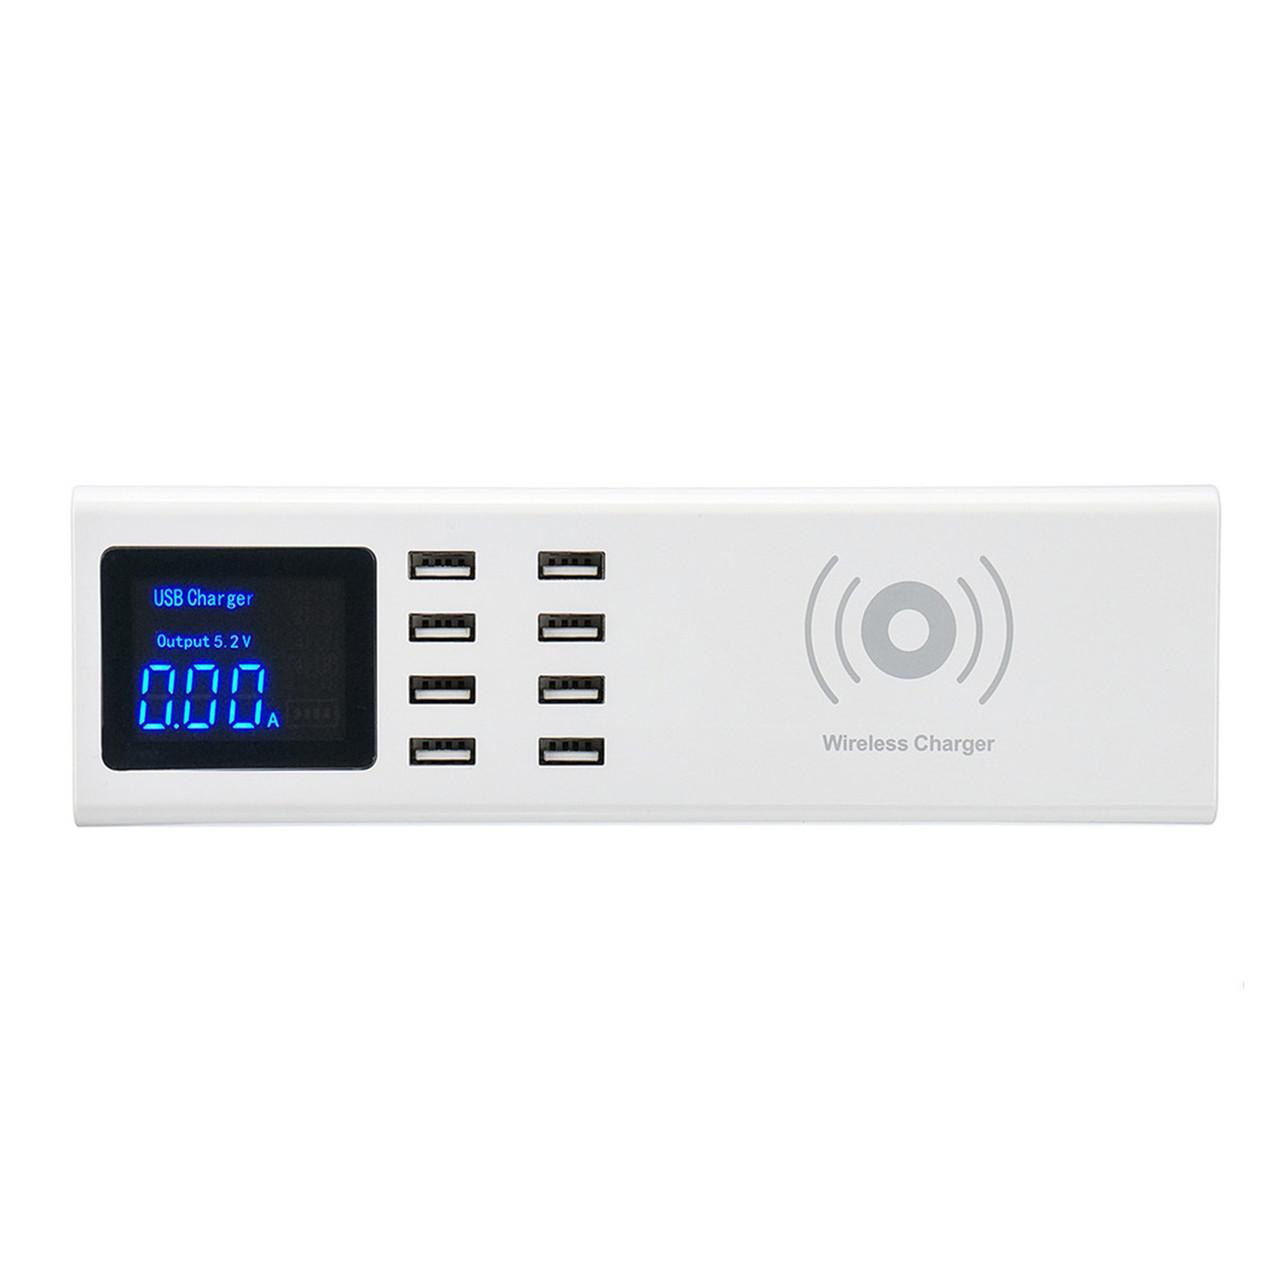 Сетевое зарядное устройство + беспроводное зарядное устройство CD-A23W 8XUSB 8A/40W, White